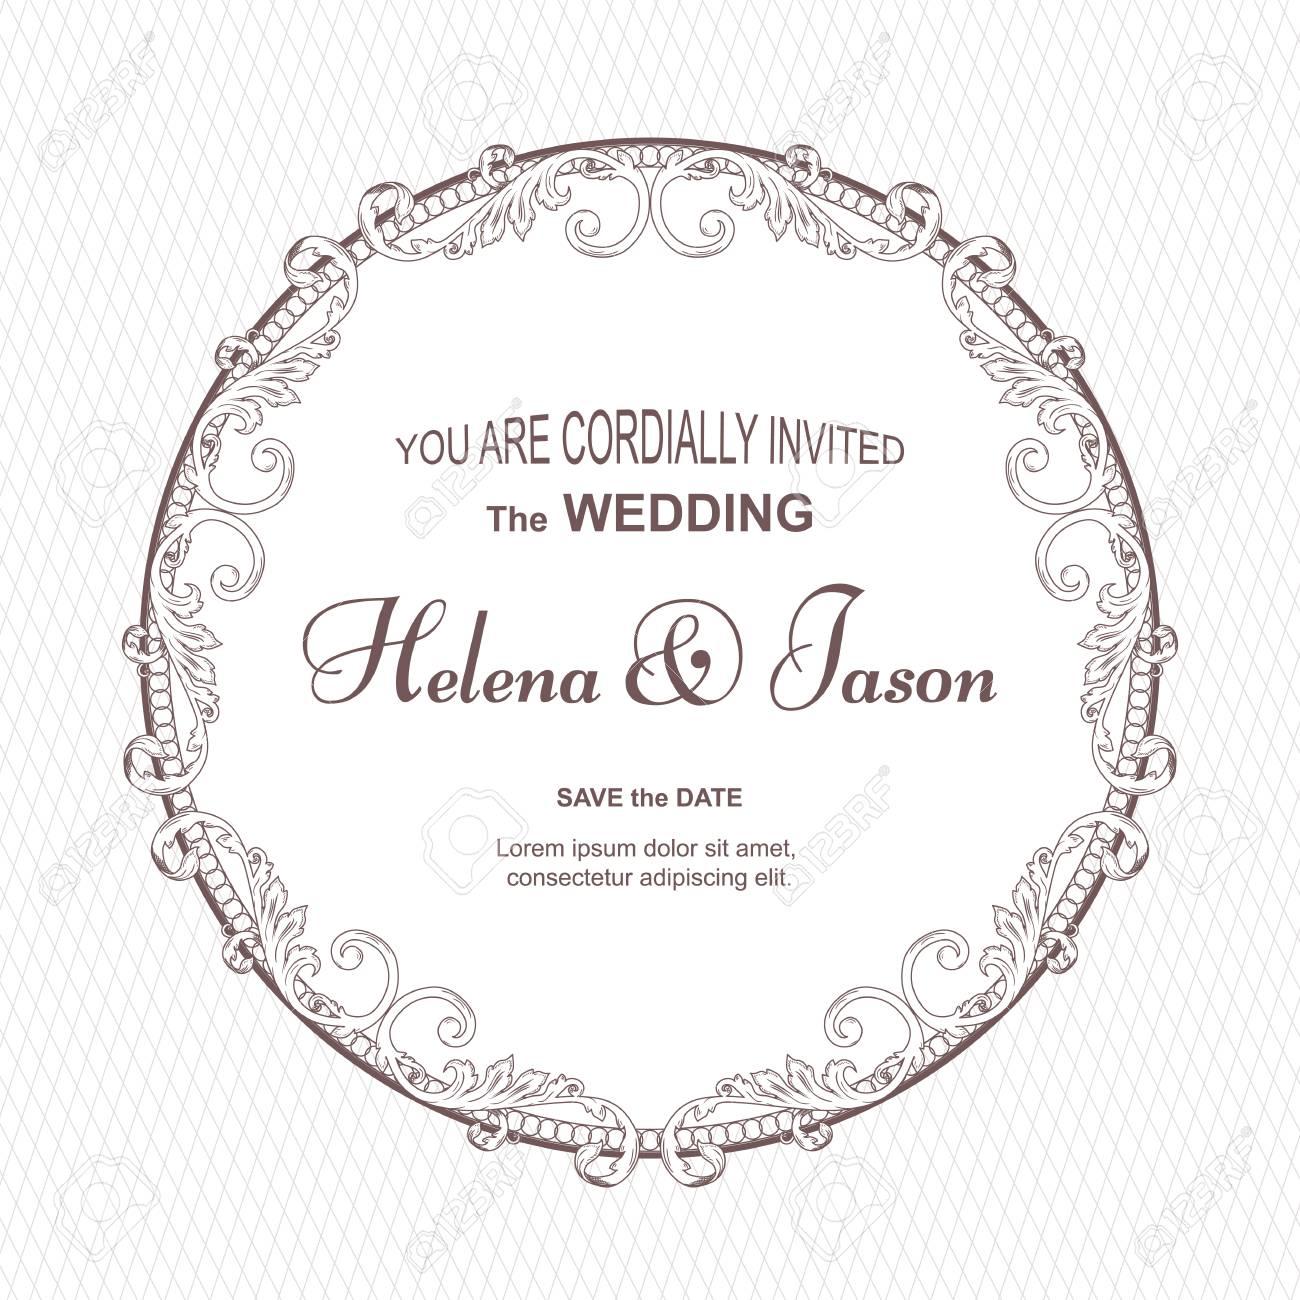 Runde Postkarte Der Eleganten Weinlese Für Die Einladung Zur Hochzeit,  Weiße Farbe Mit Einer Geriffelten